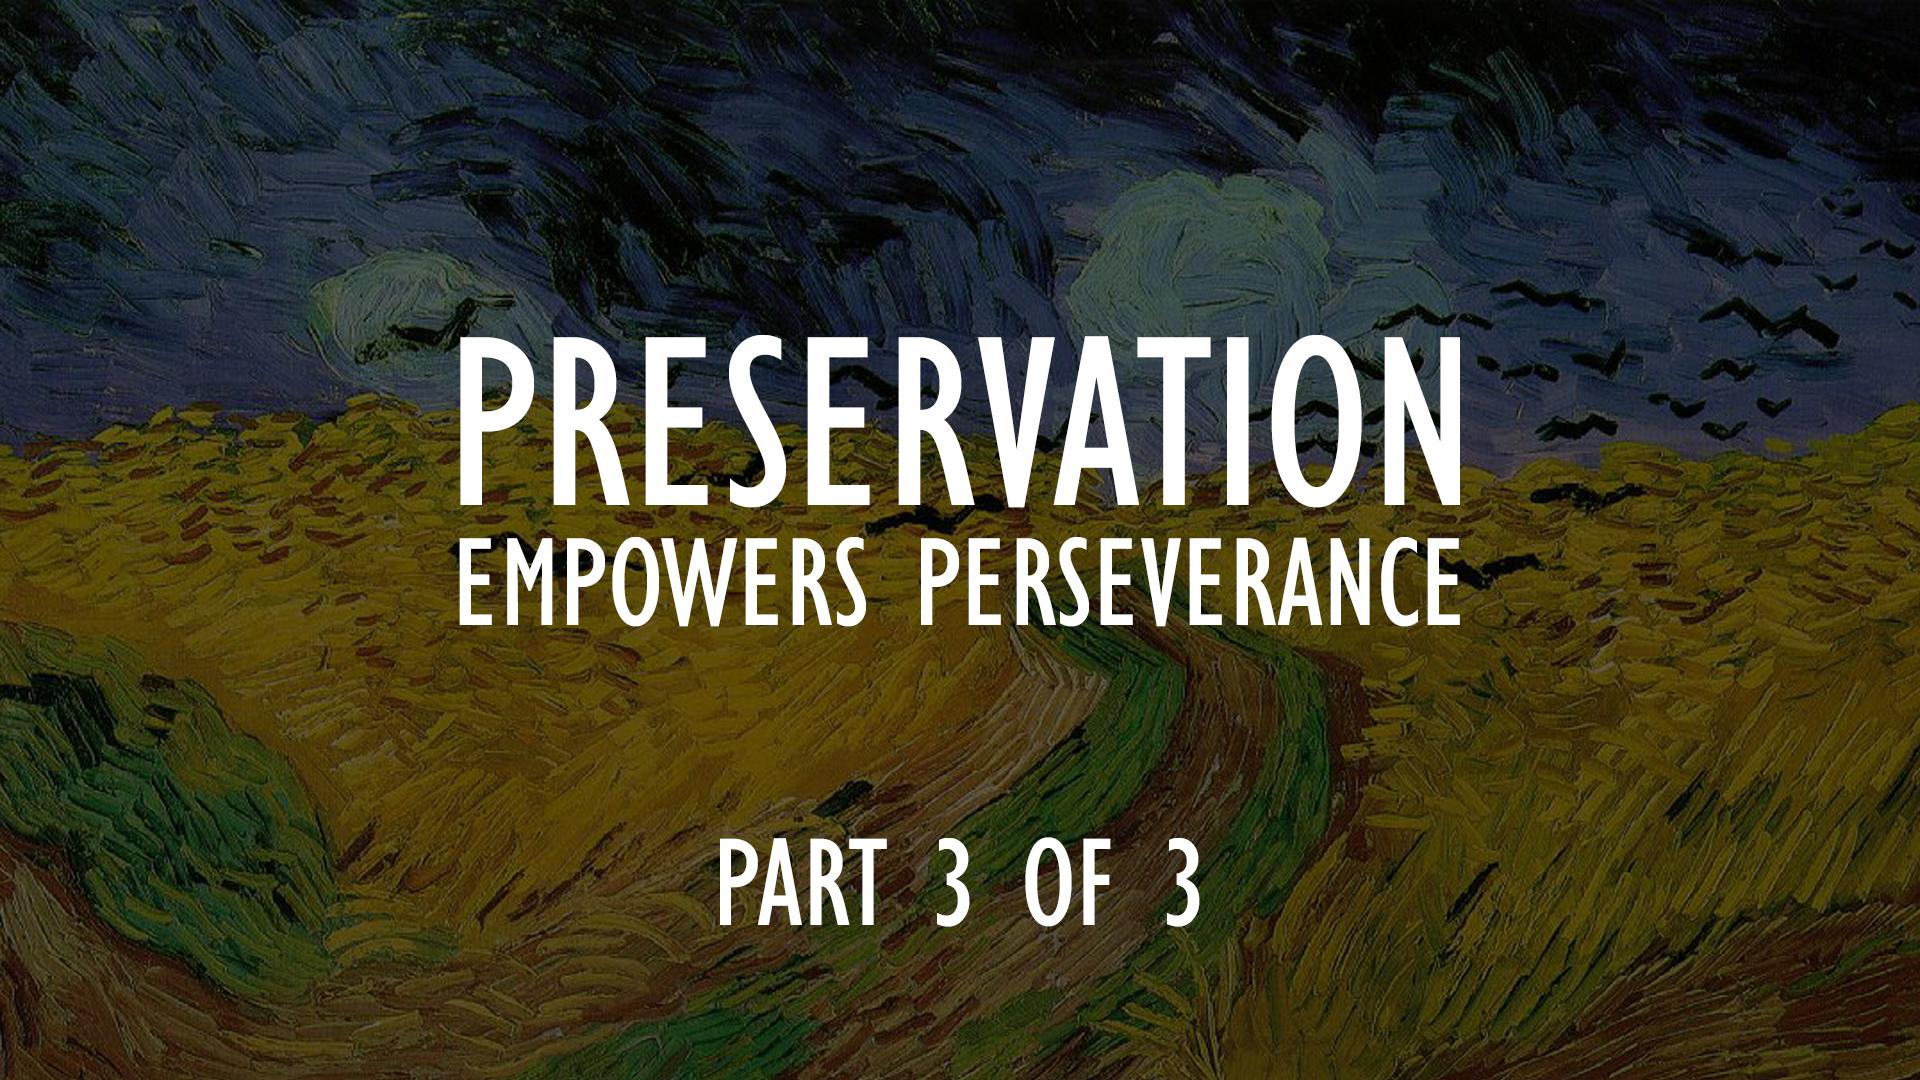 Gods-preservation-part-3